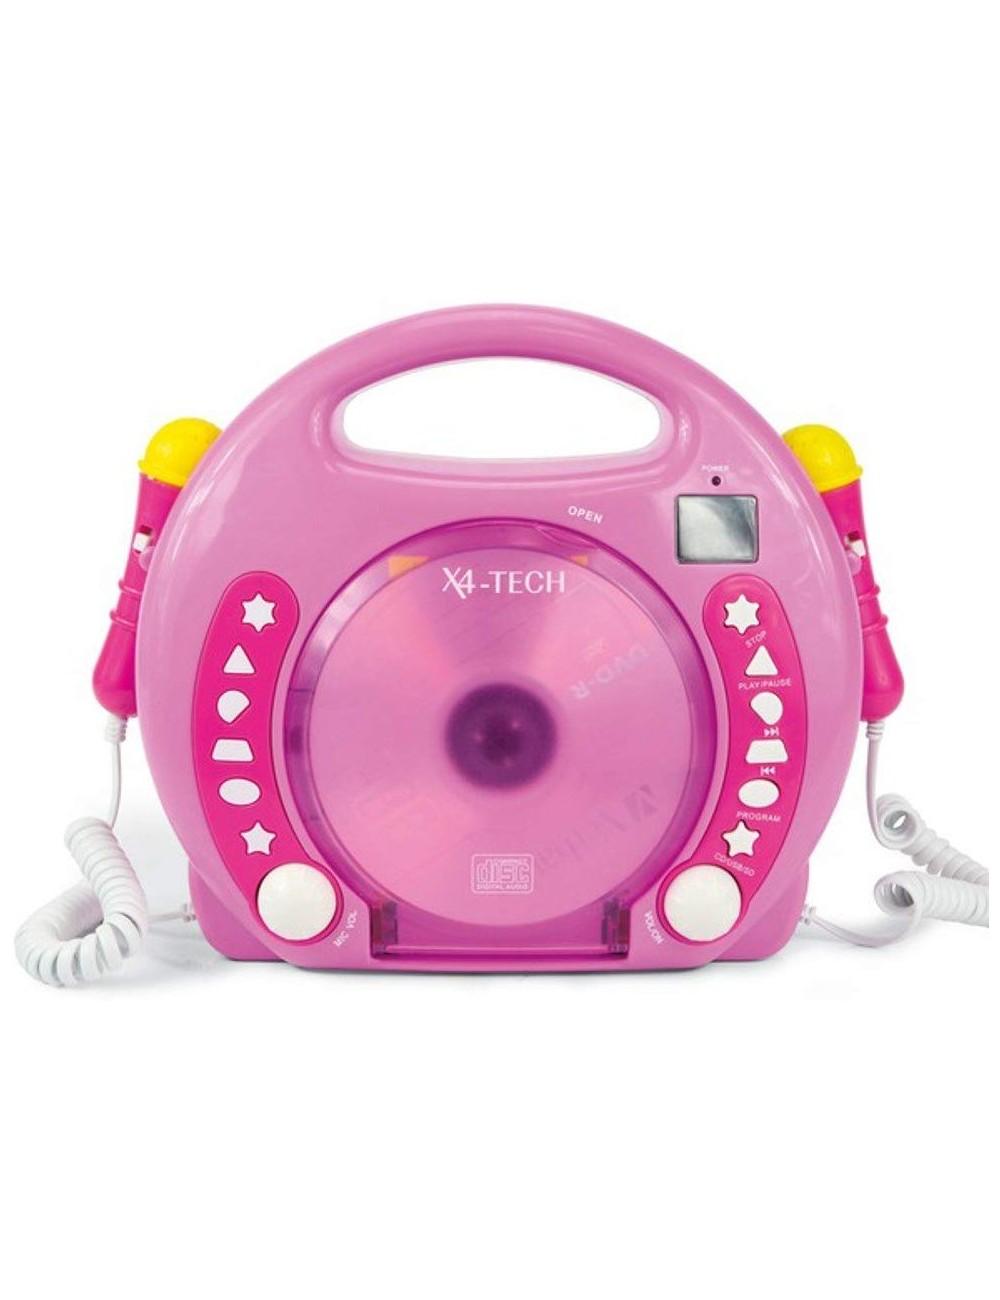 von X4-TECH 701481 - Karaoke Reproductor de CD MP3 2 Mikros